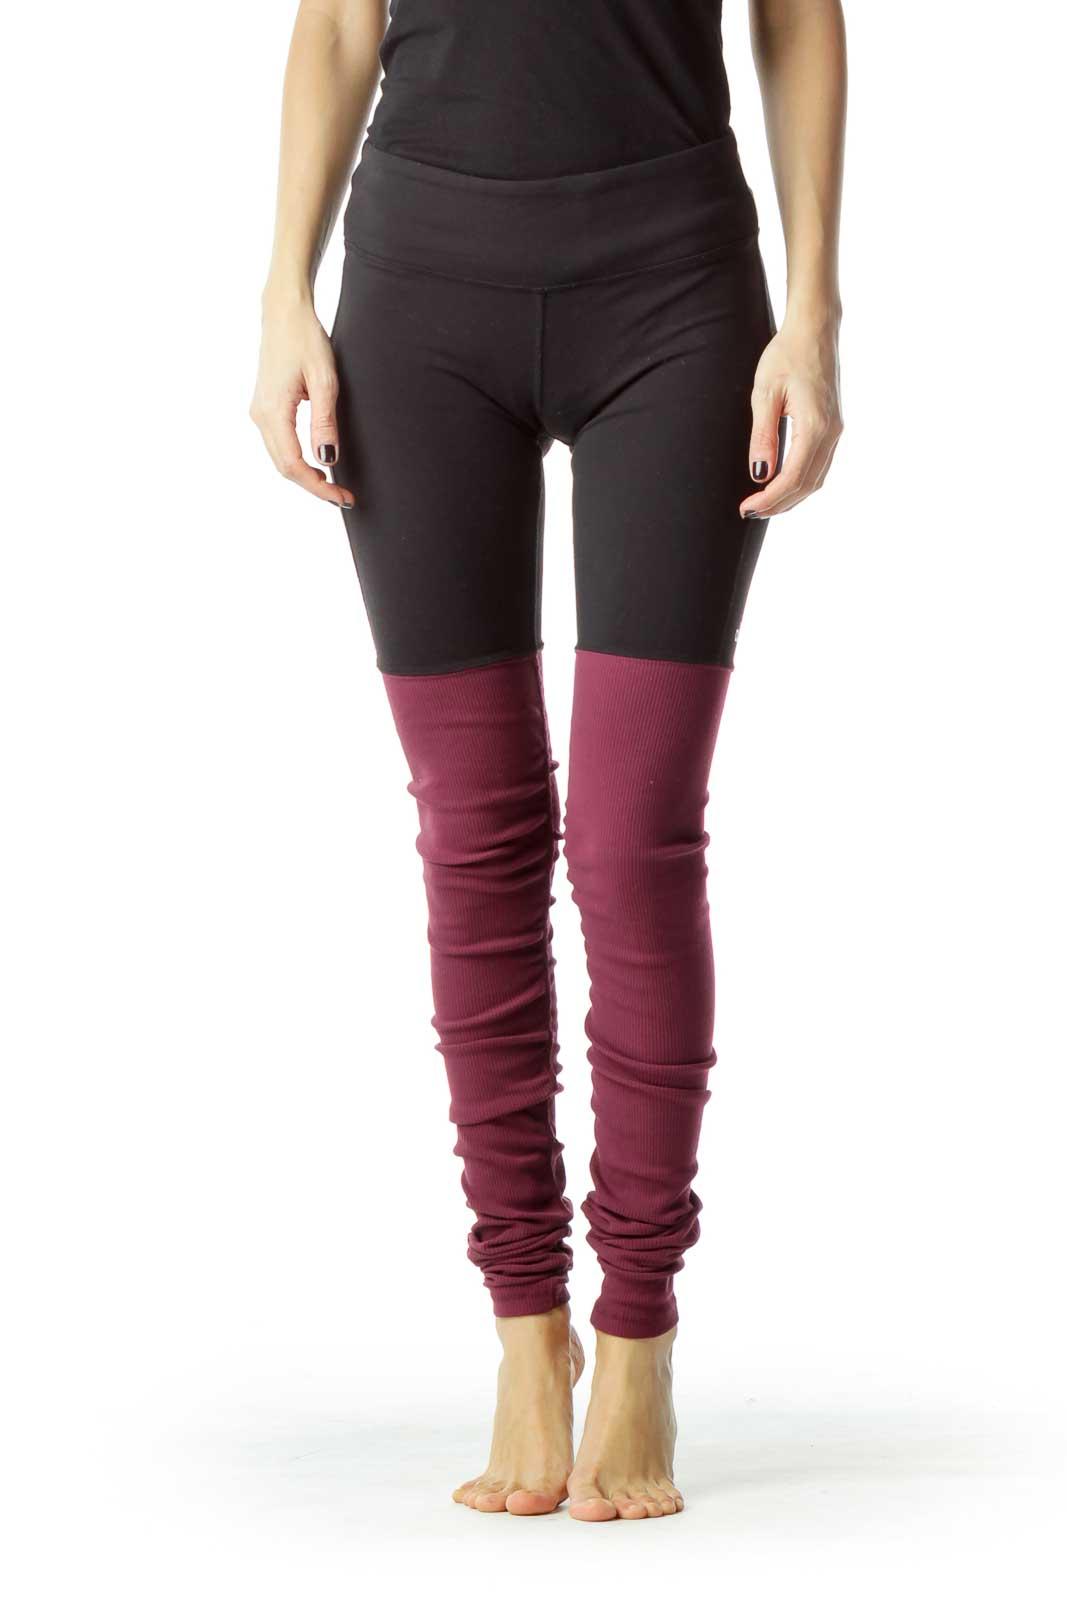 Black Red Yoga Pant